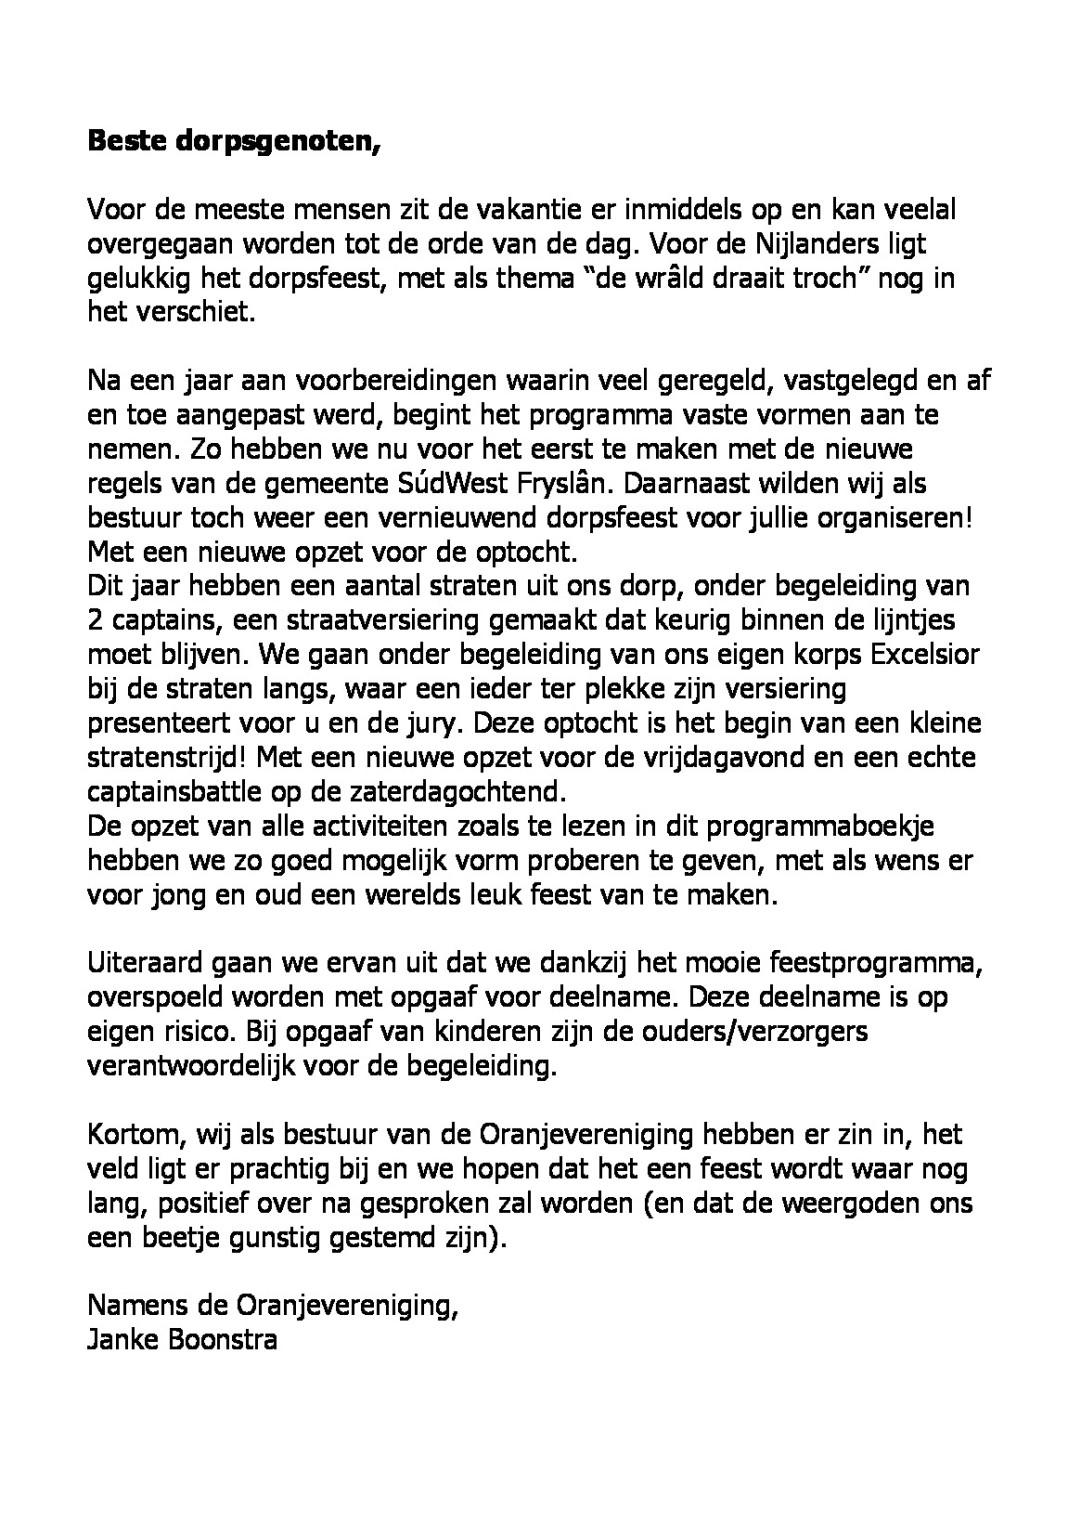 http://www.oranjenijland.nl/wp_oranjenijland/wp-content/uploads/2014/08/540031a00dae3-1-1081x1536.jpg